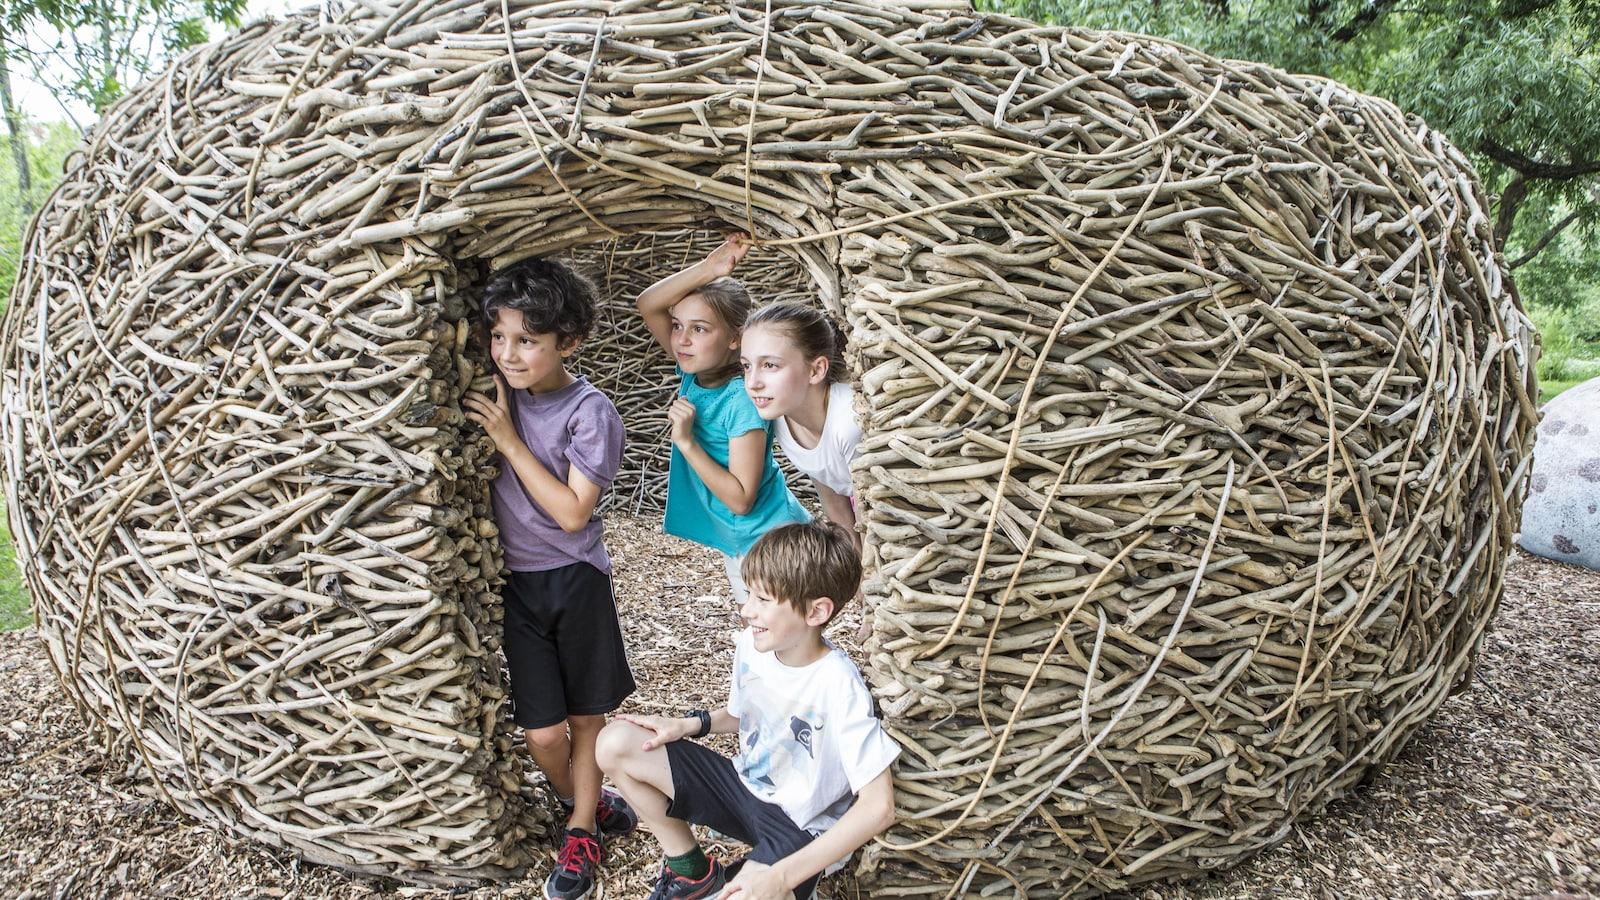 Quatre enfants visitent un abri d'insecte à l'exposition